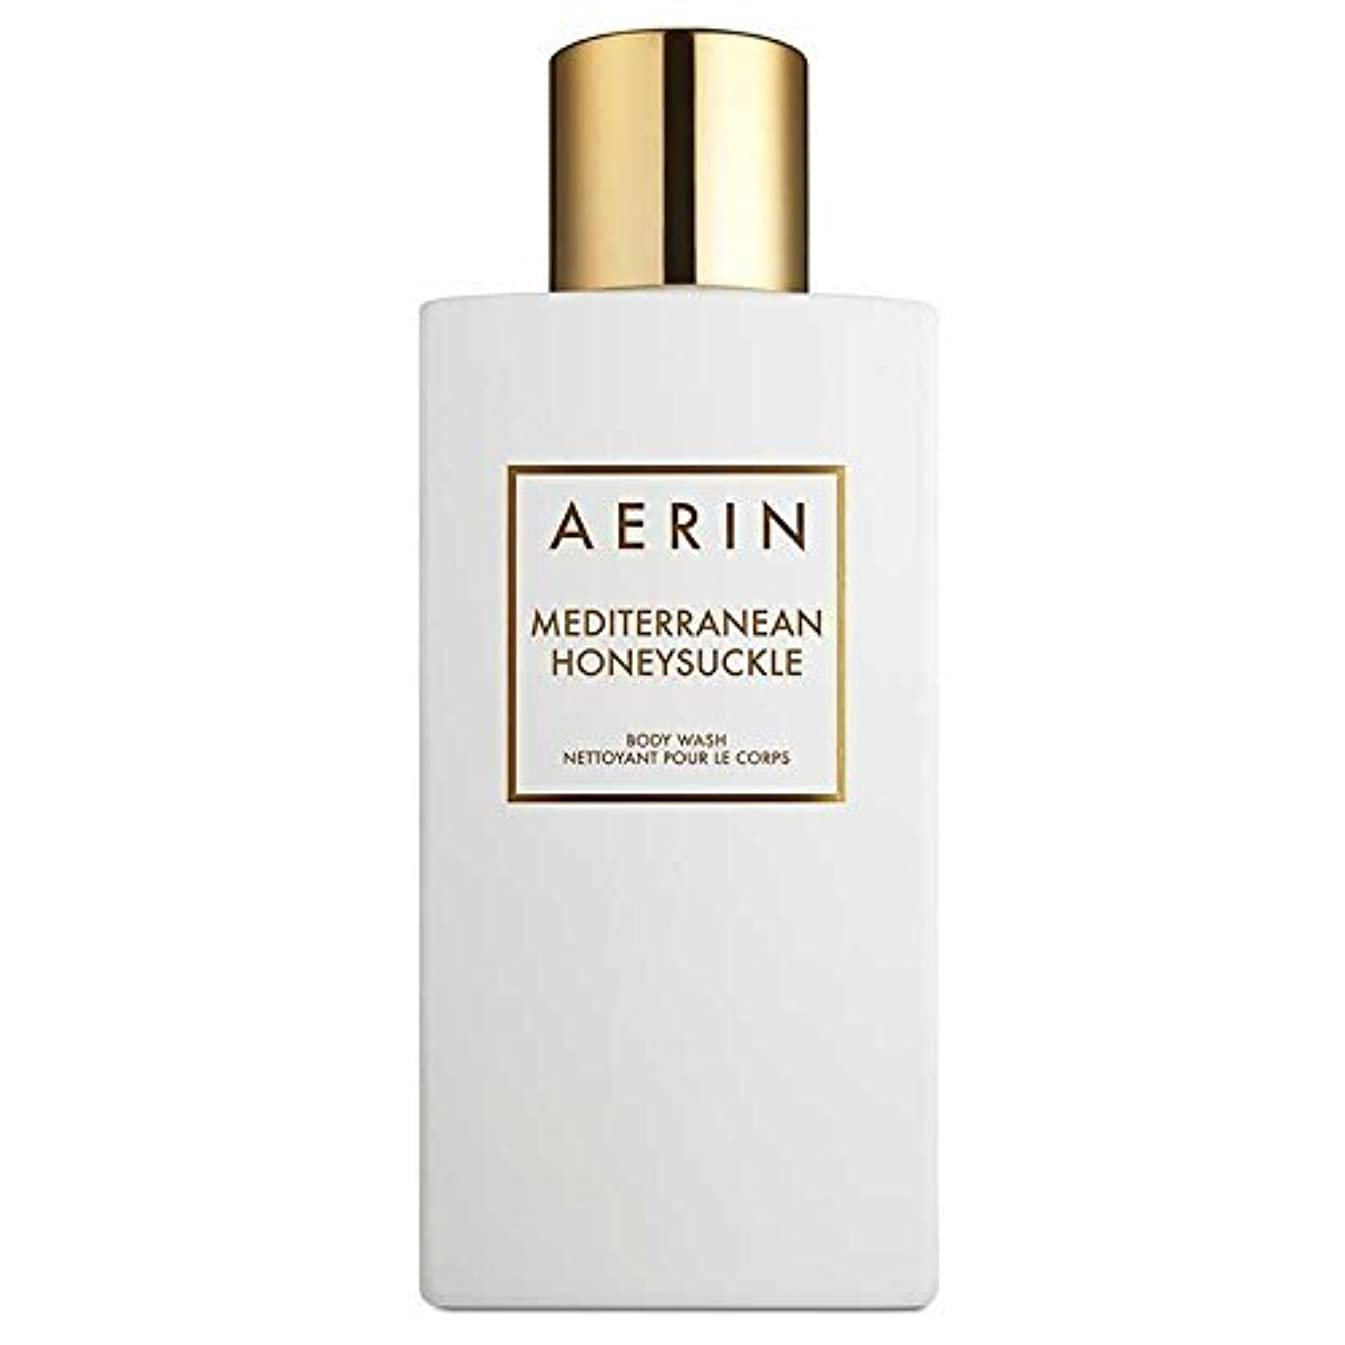 誇り移行作曲するAERIN Mediterranean Honeysuckle (アエリン メディタレーニアン ハニーサックル) 7.6 oz (228ml) Body Wash ボディーウオッシュ by Estee Lauder for Women